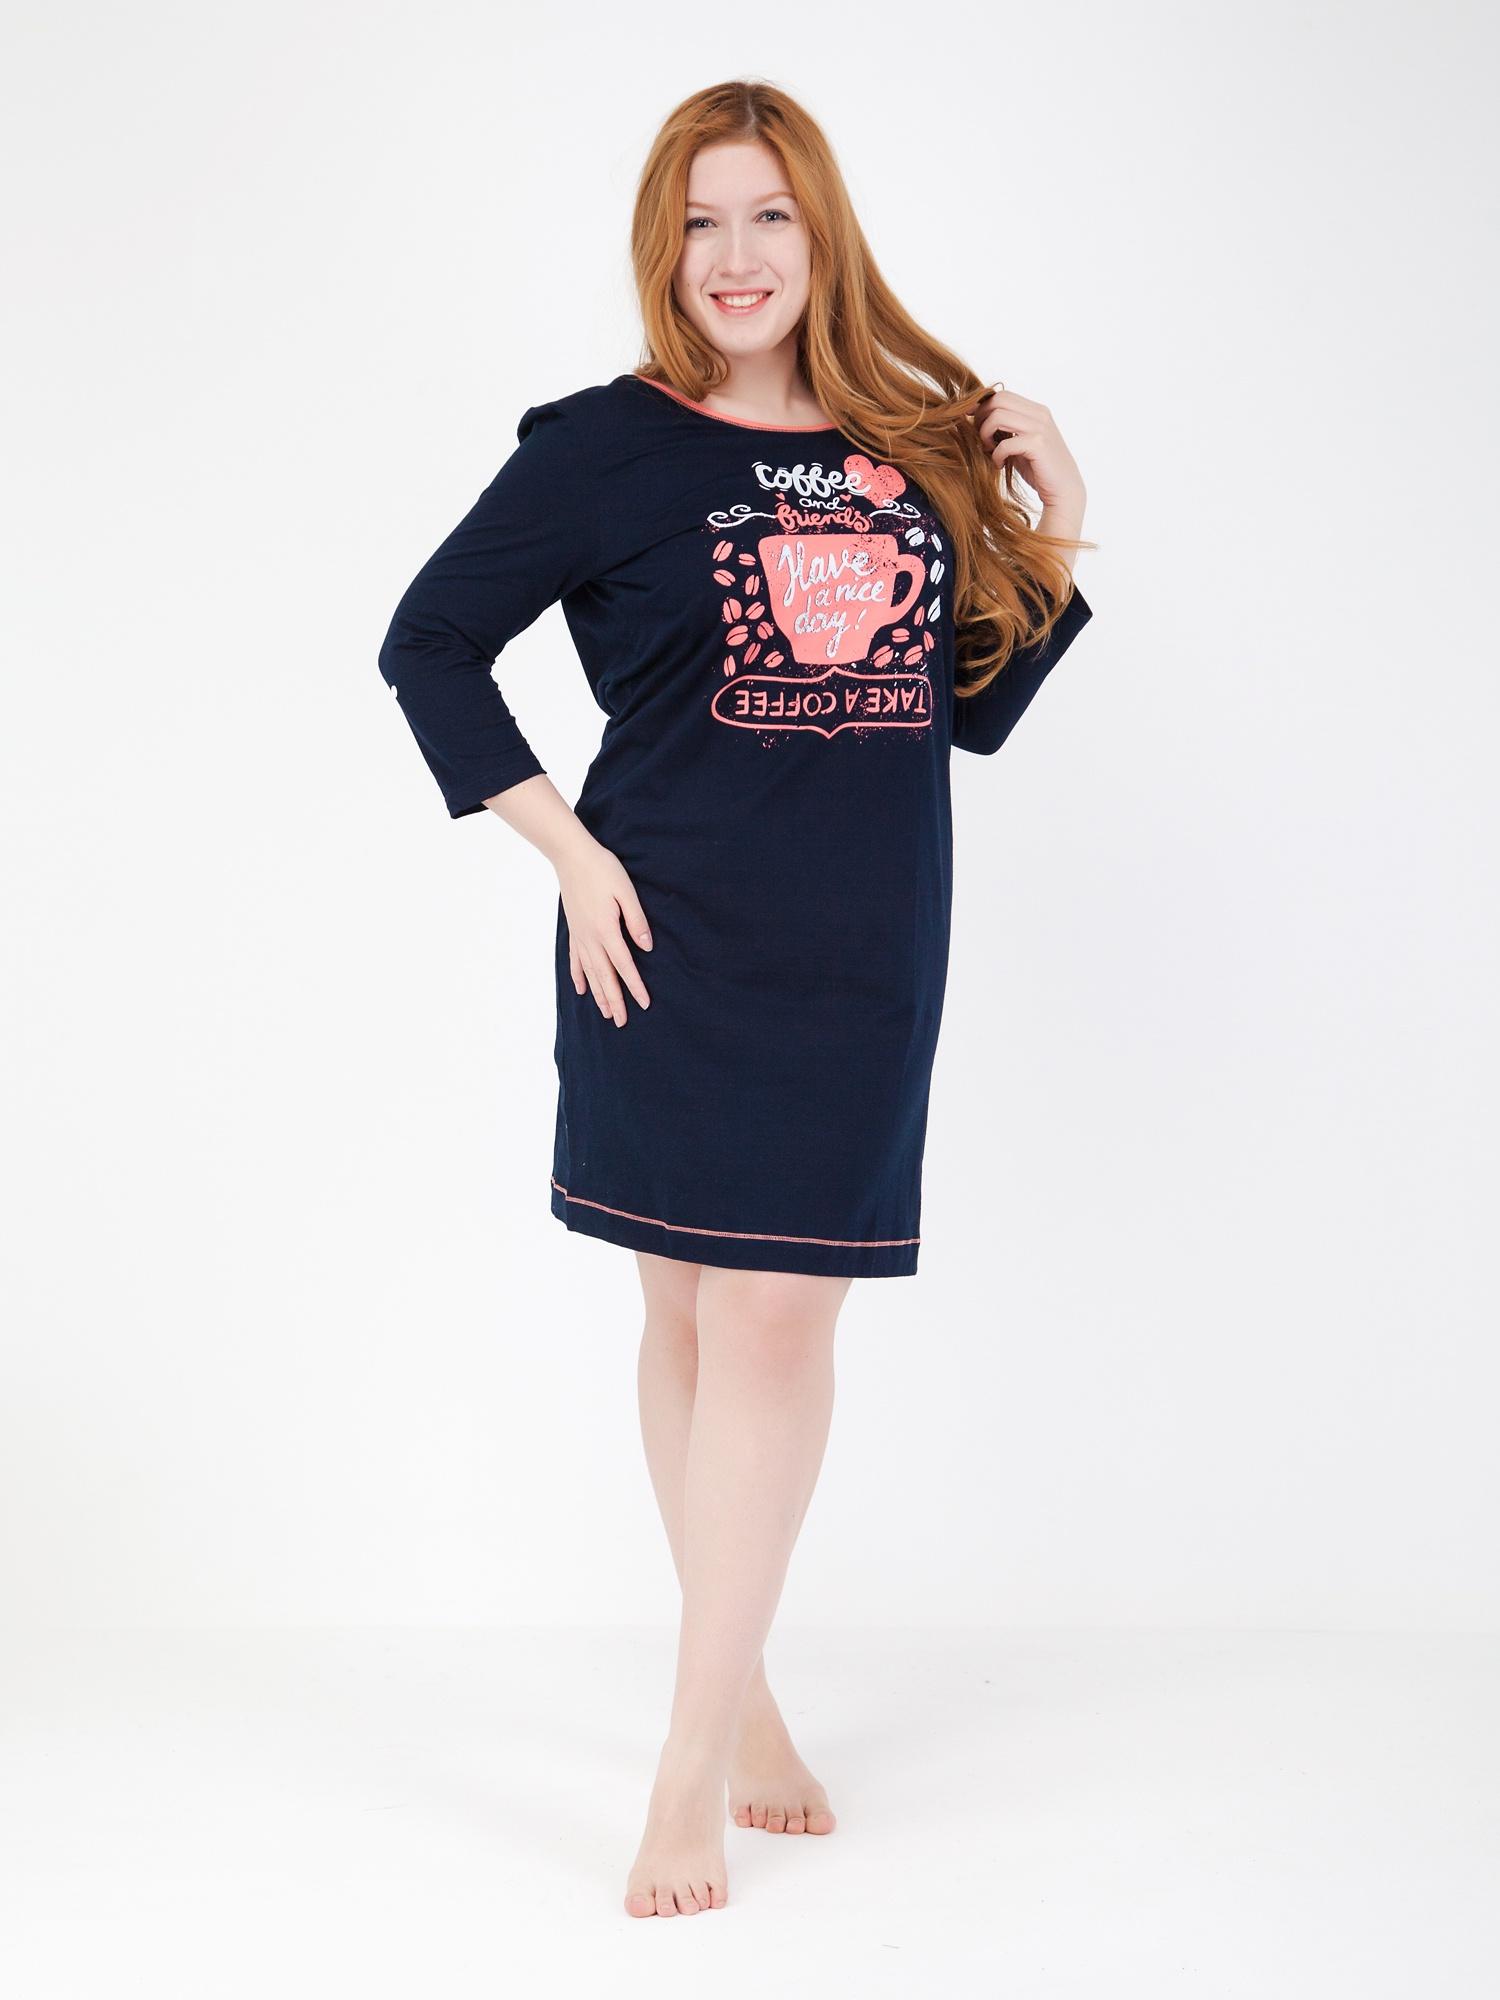 Платье домашнее VoSmae, синий, розовый 46-170/176 размер14589_синий,розовый_46/170-176